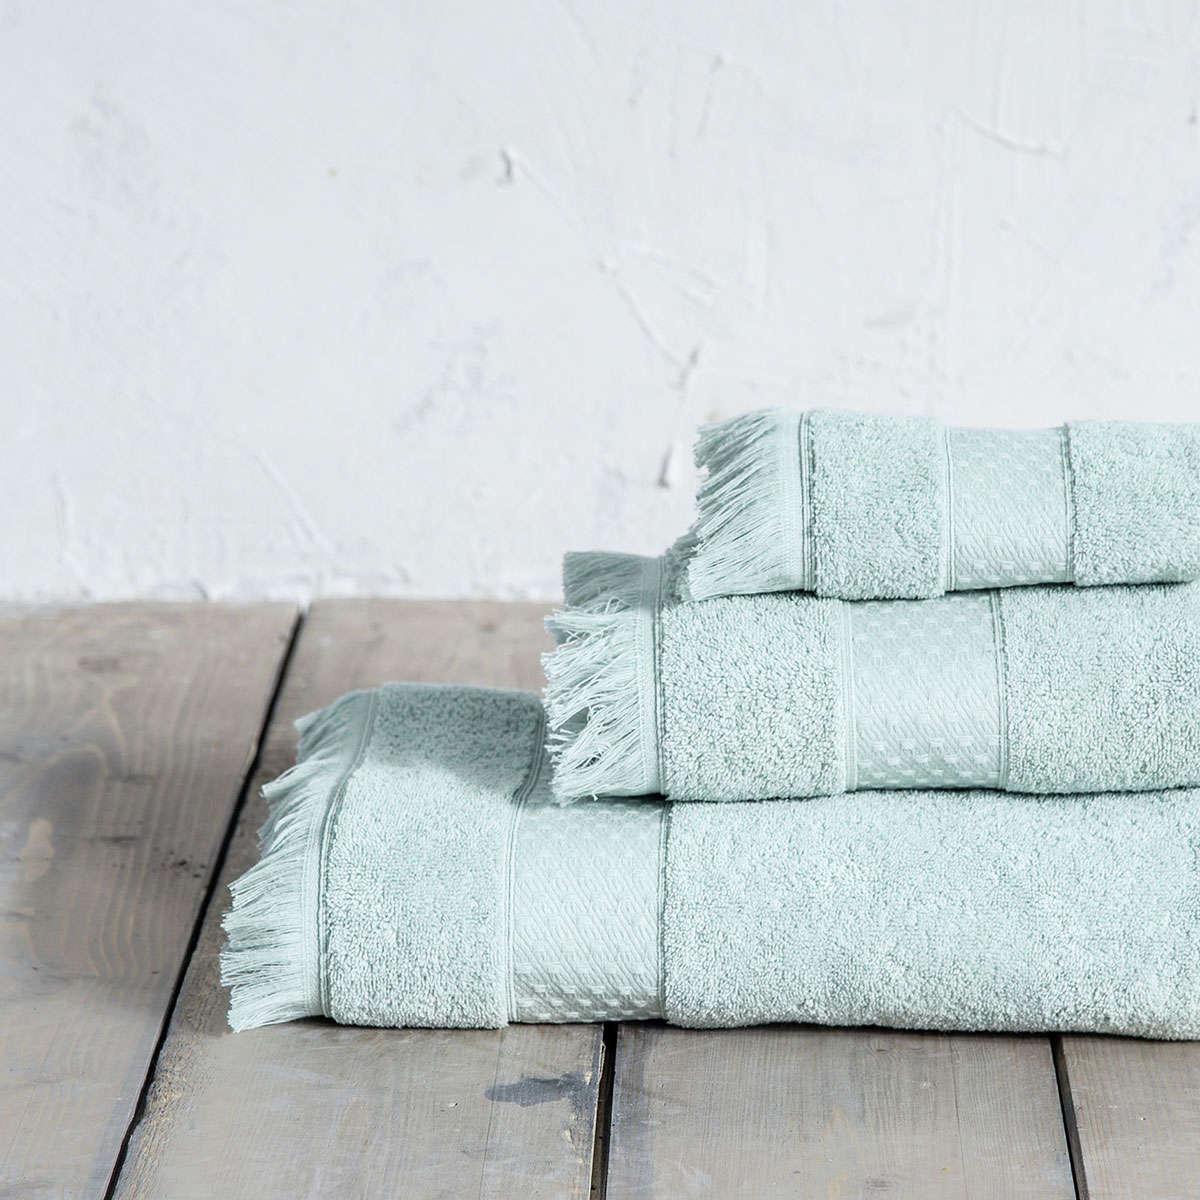 Πετσέτες Σετ 3τμχ. Parley Mint Nima Σετ Πετσέτες 70x140cm